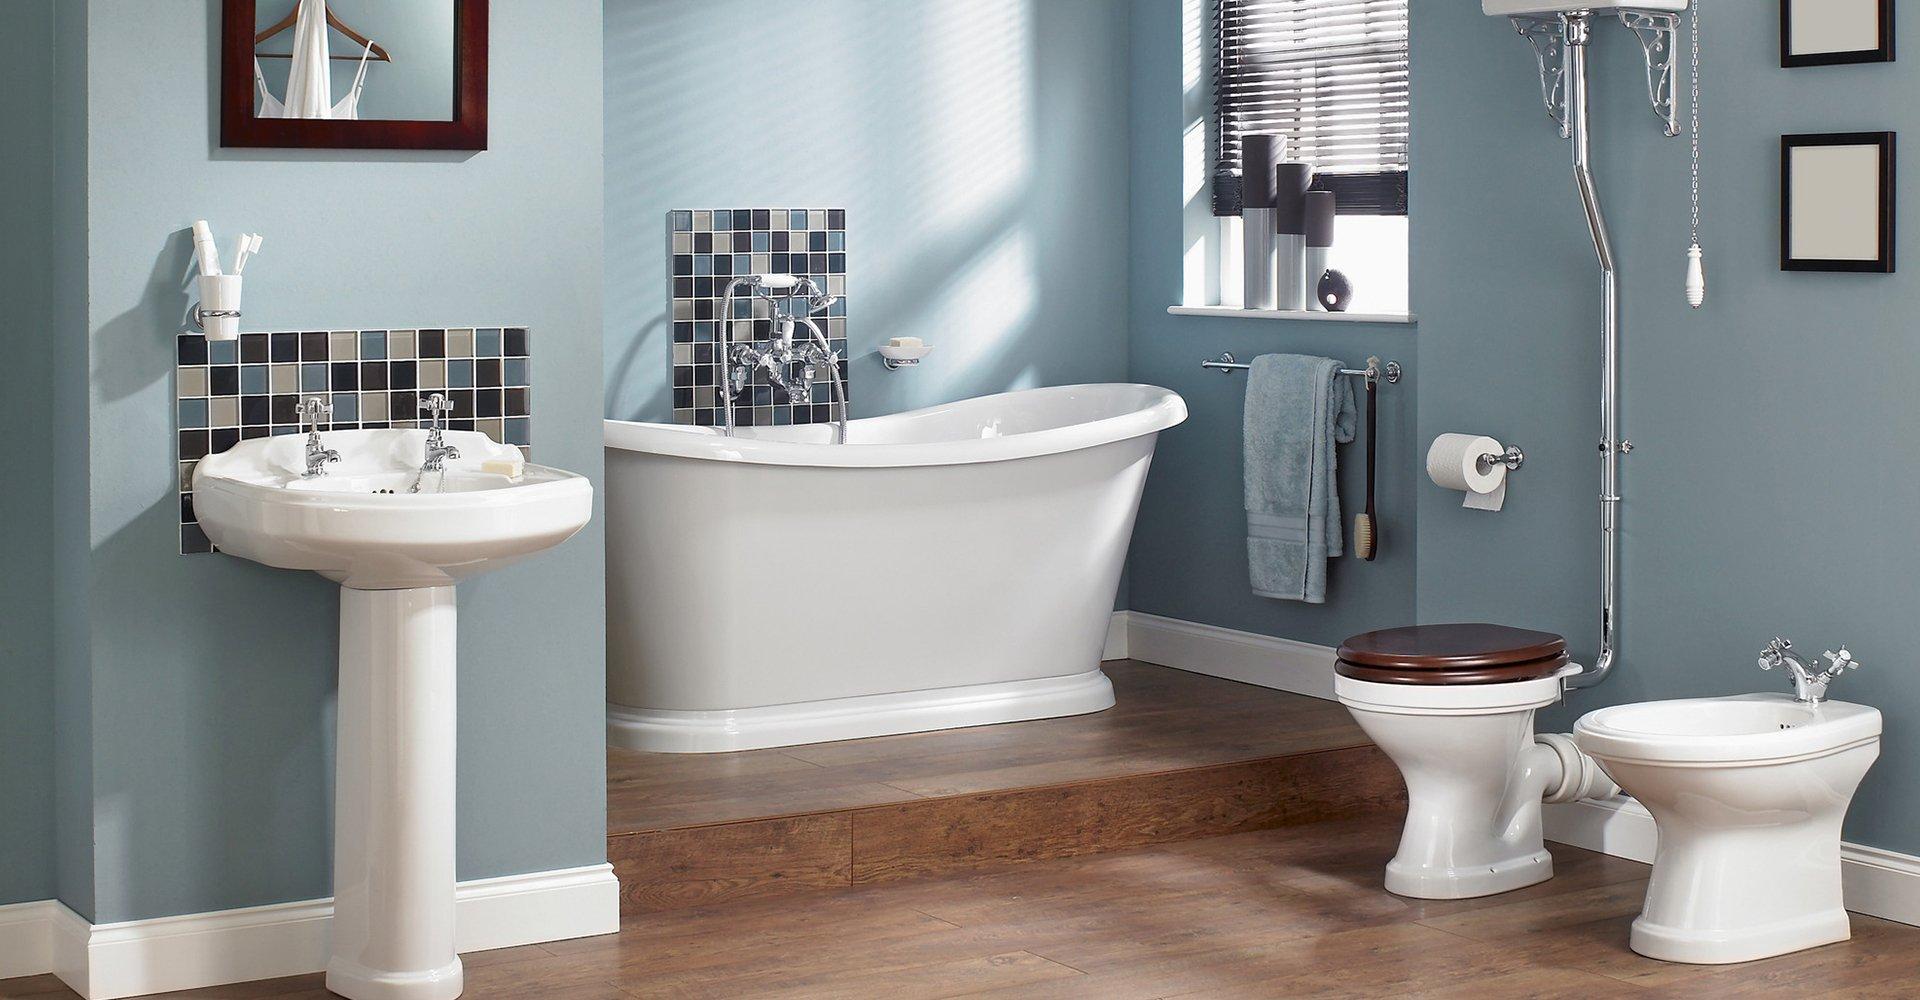 bathtub and WC